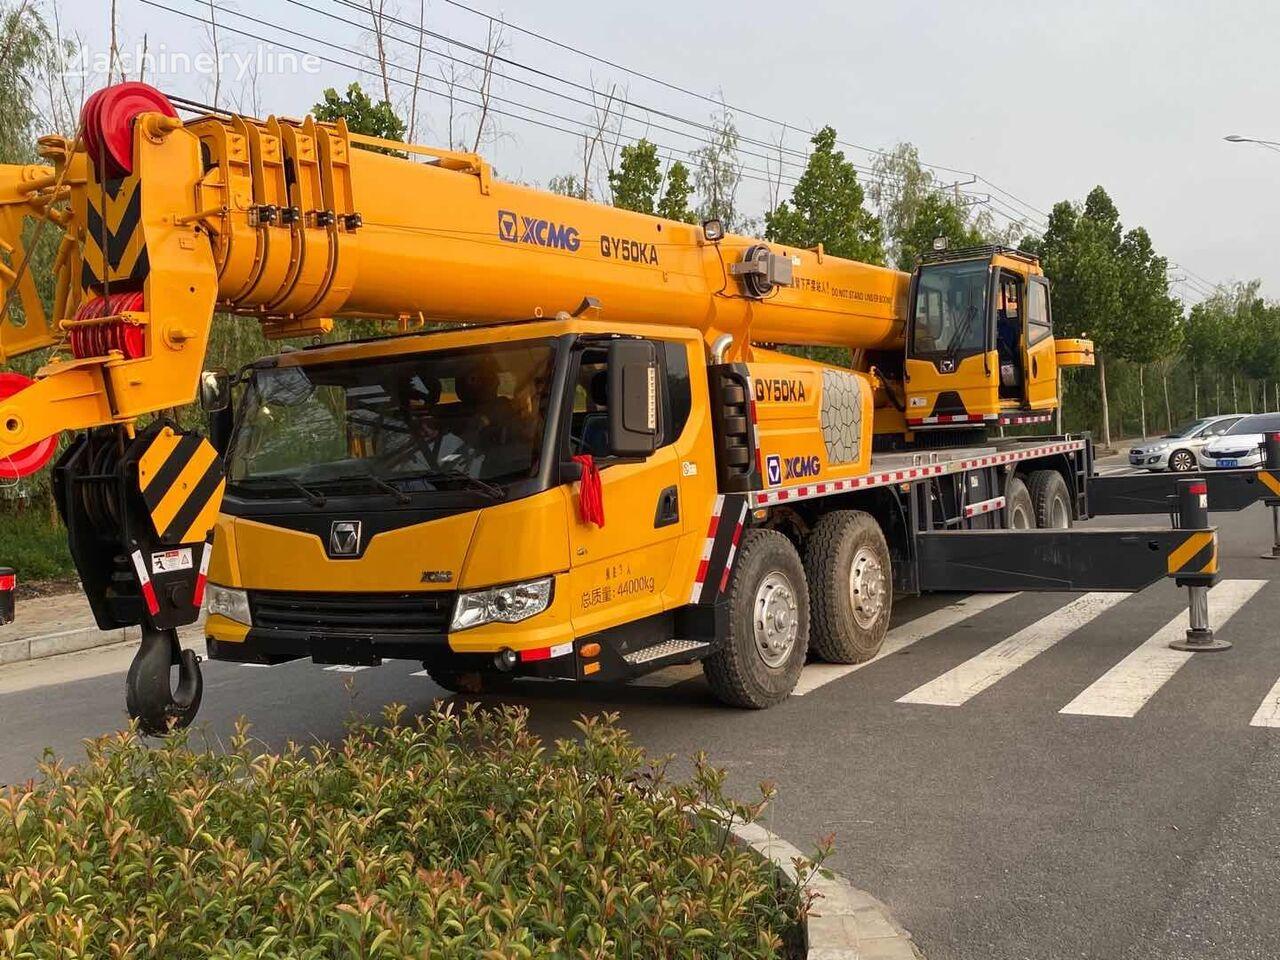 XCMG QY50KA used crane mobile crane